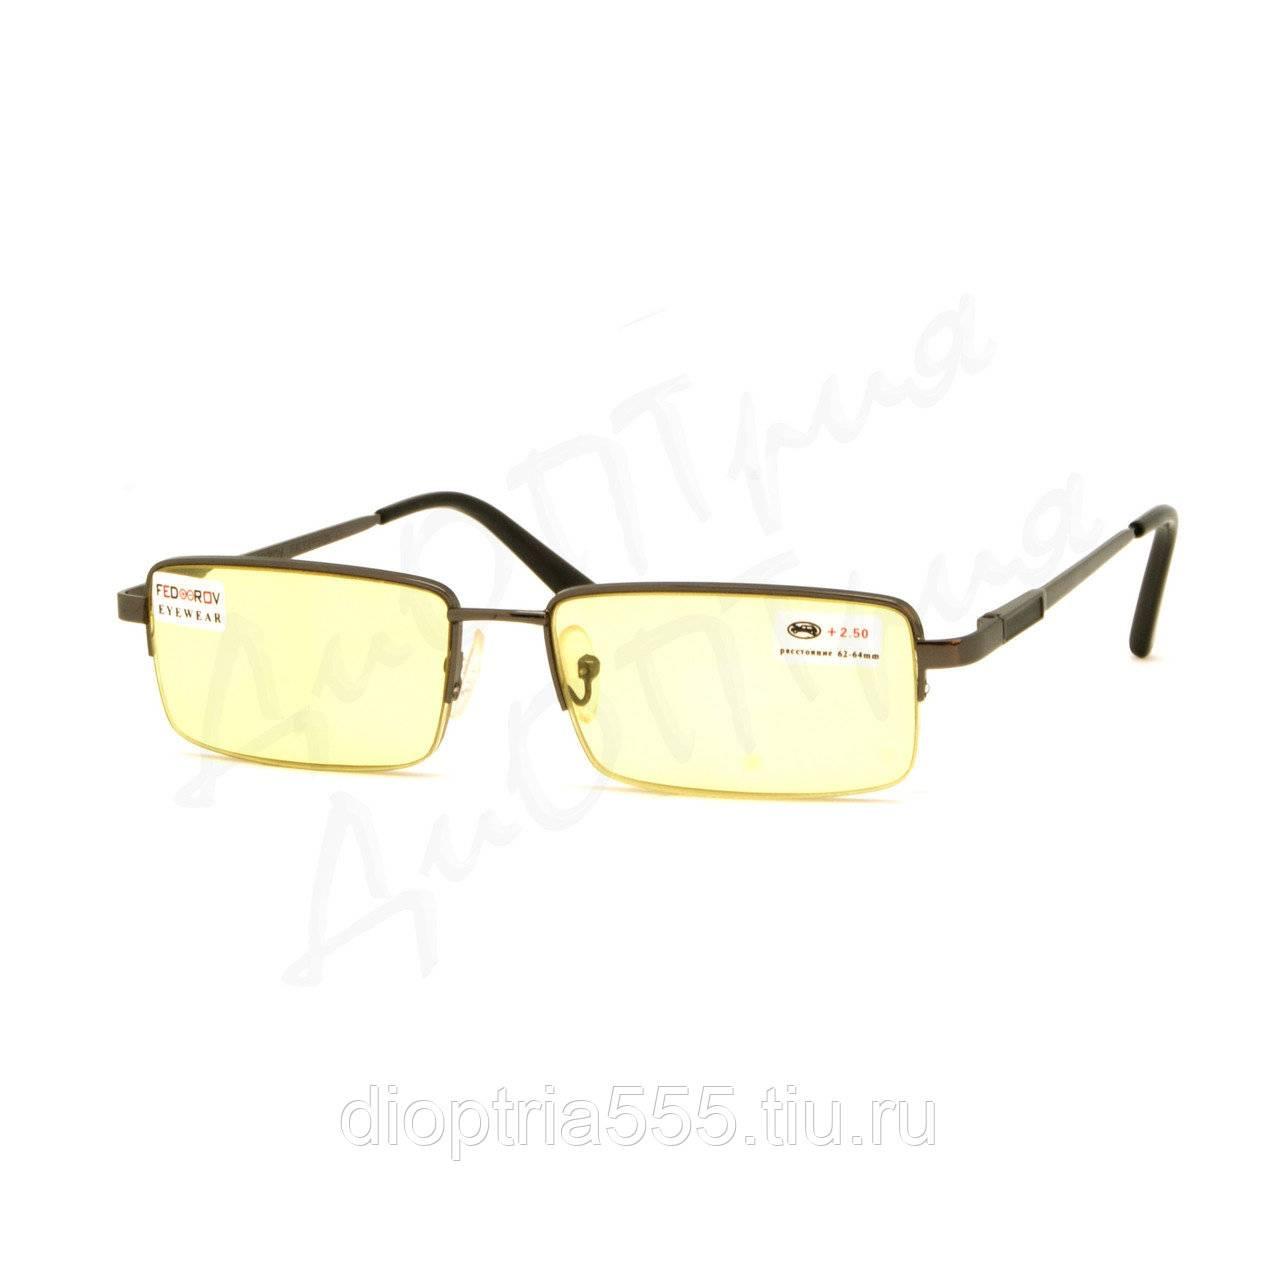 Как выбрать очки для водителя?